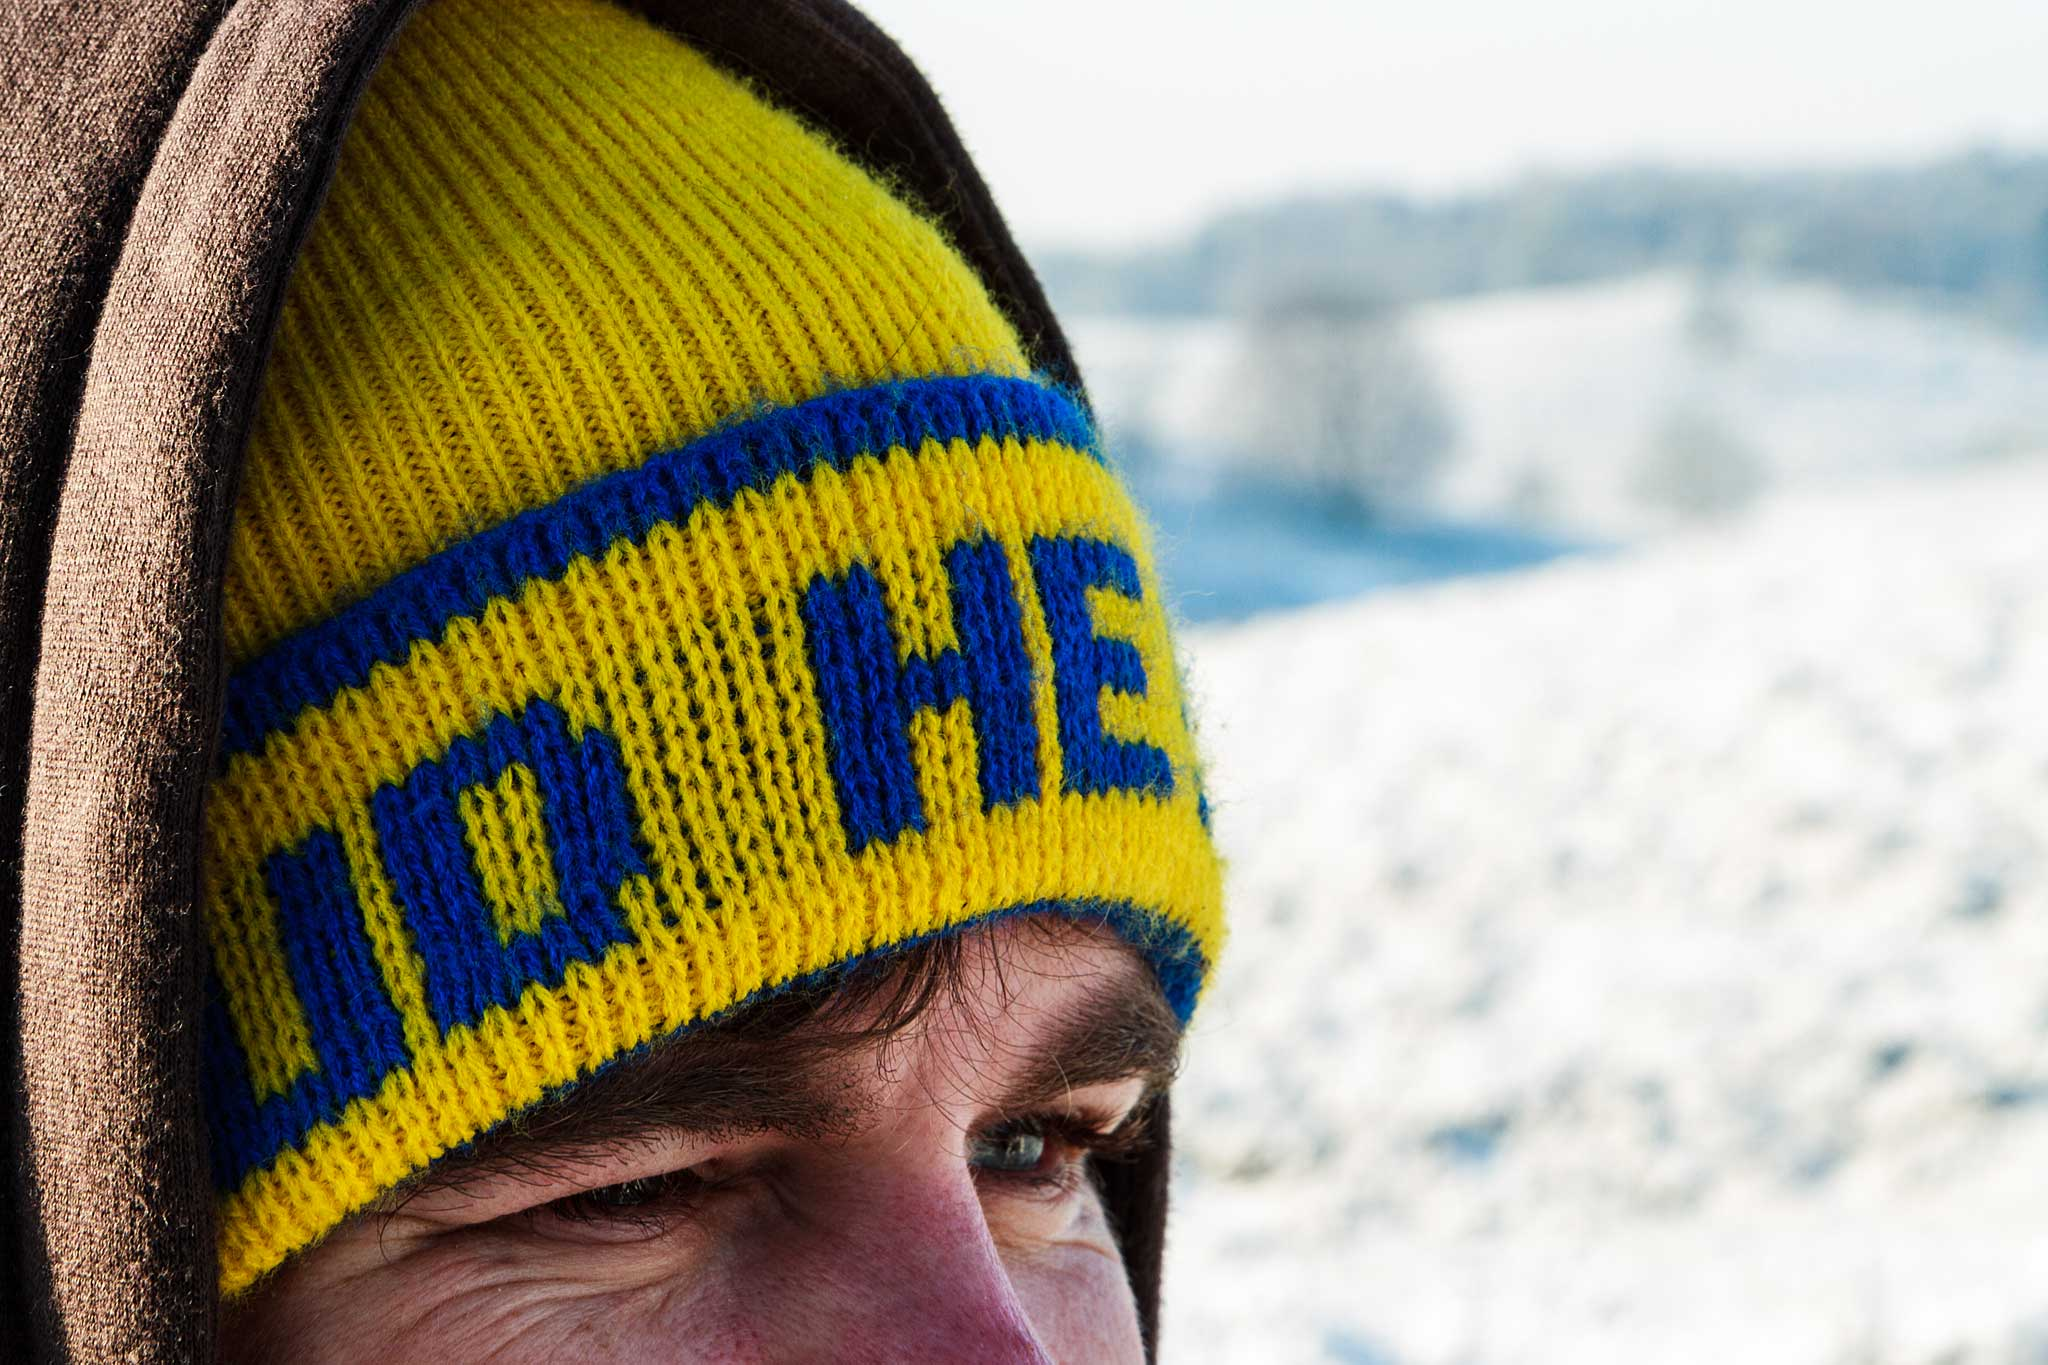 koud he, Spaan en Vermegen, muts, man, ogen, sneeuw, koude, wit, winter, Nederland, Posbank